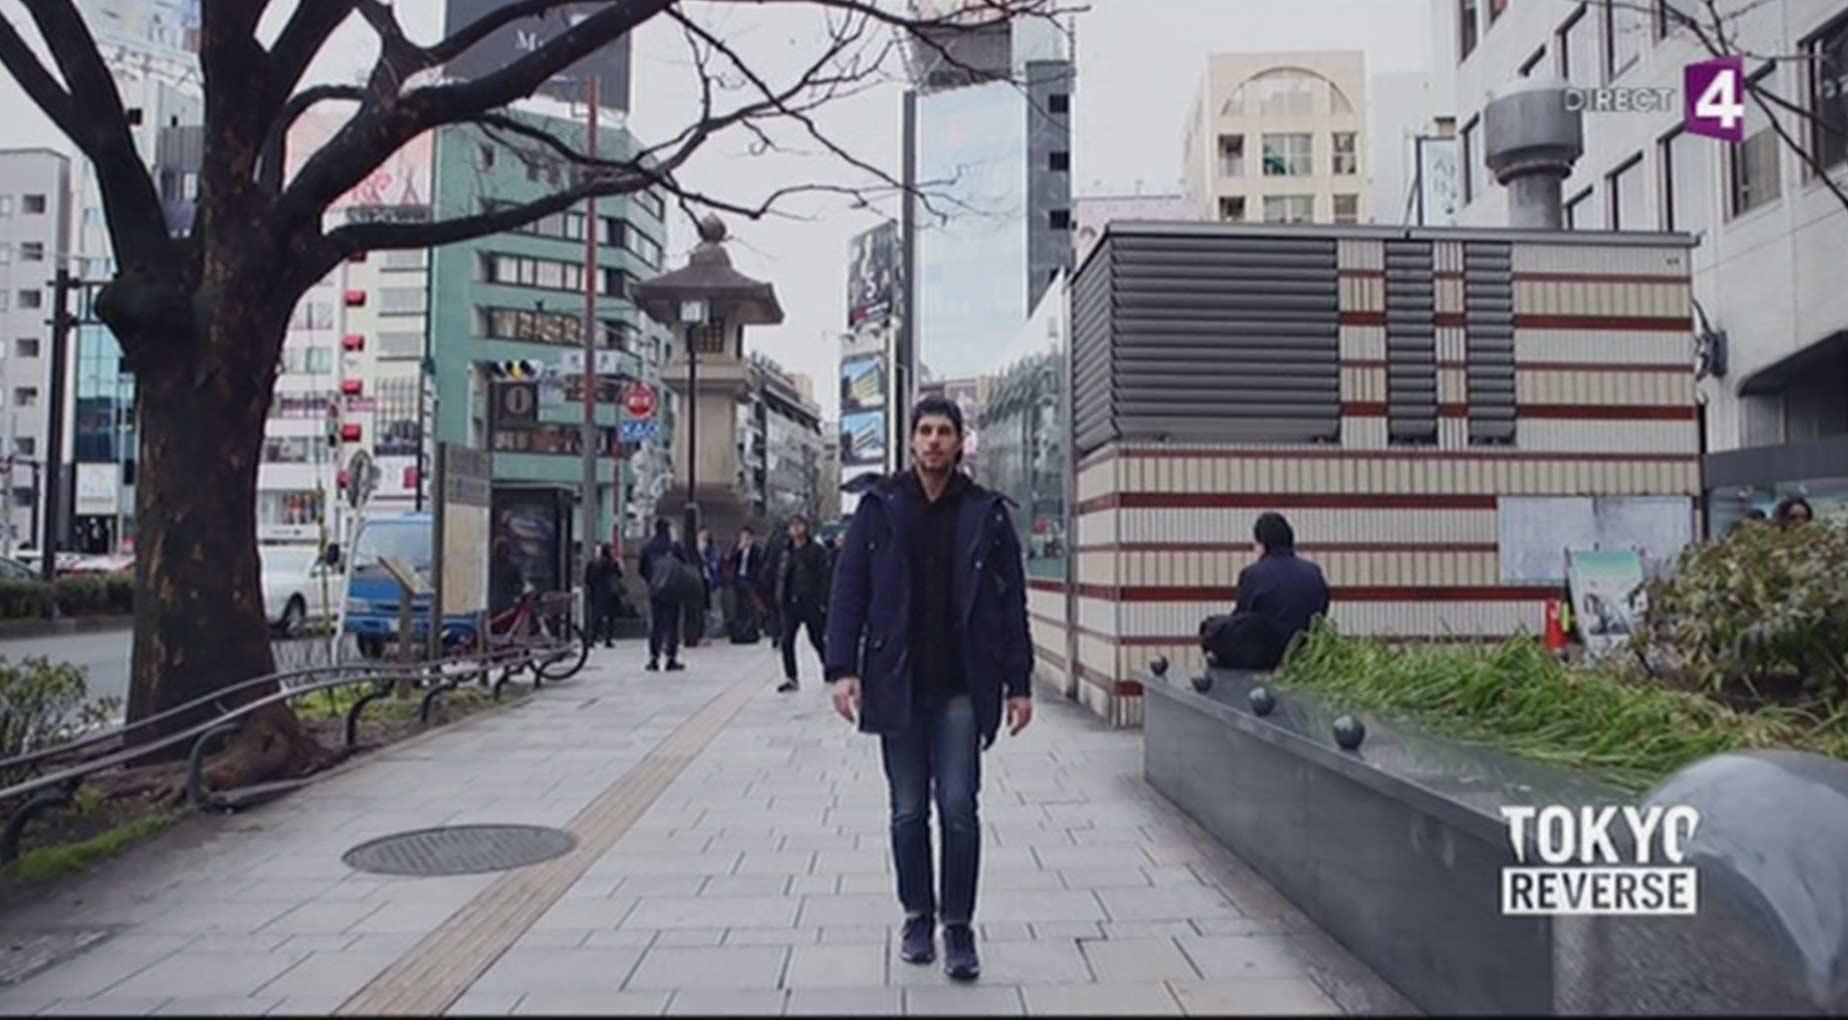 Tokyo reverse sur France 4